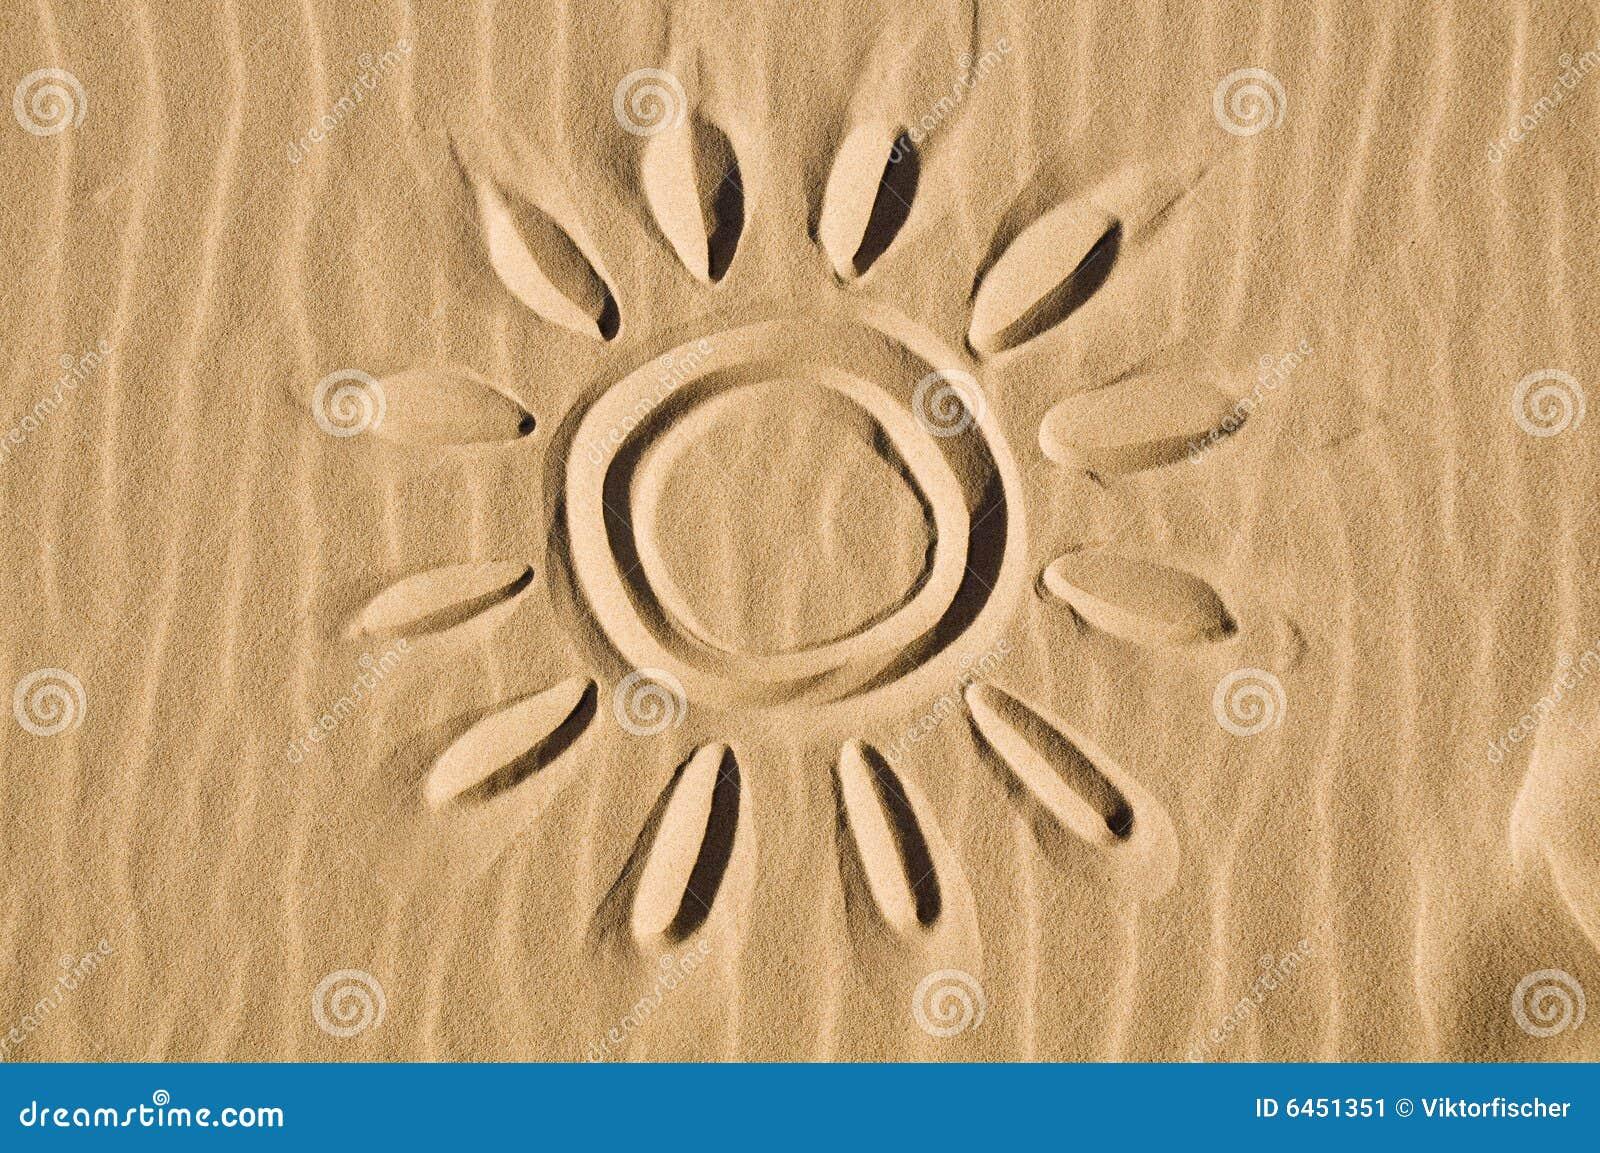 Słońce wypatroszone piasku.